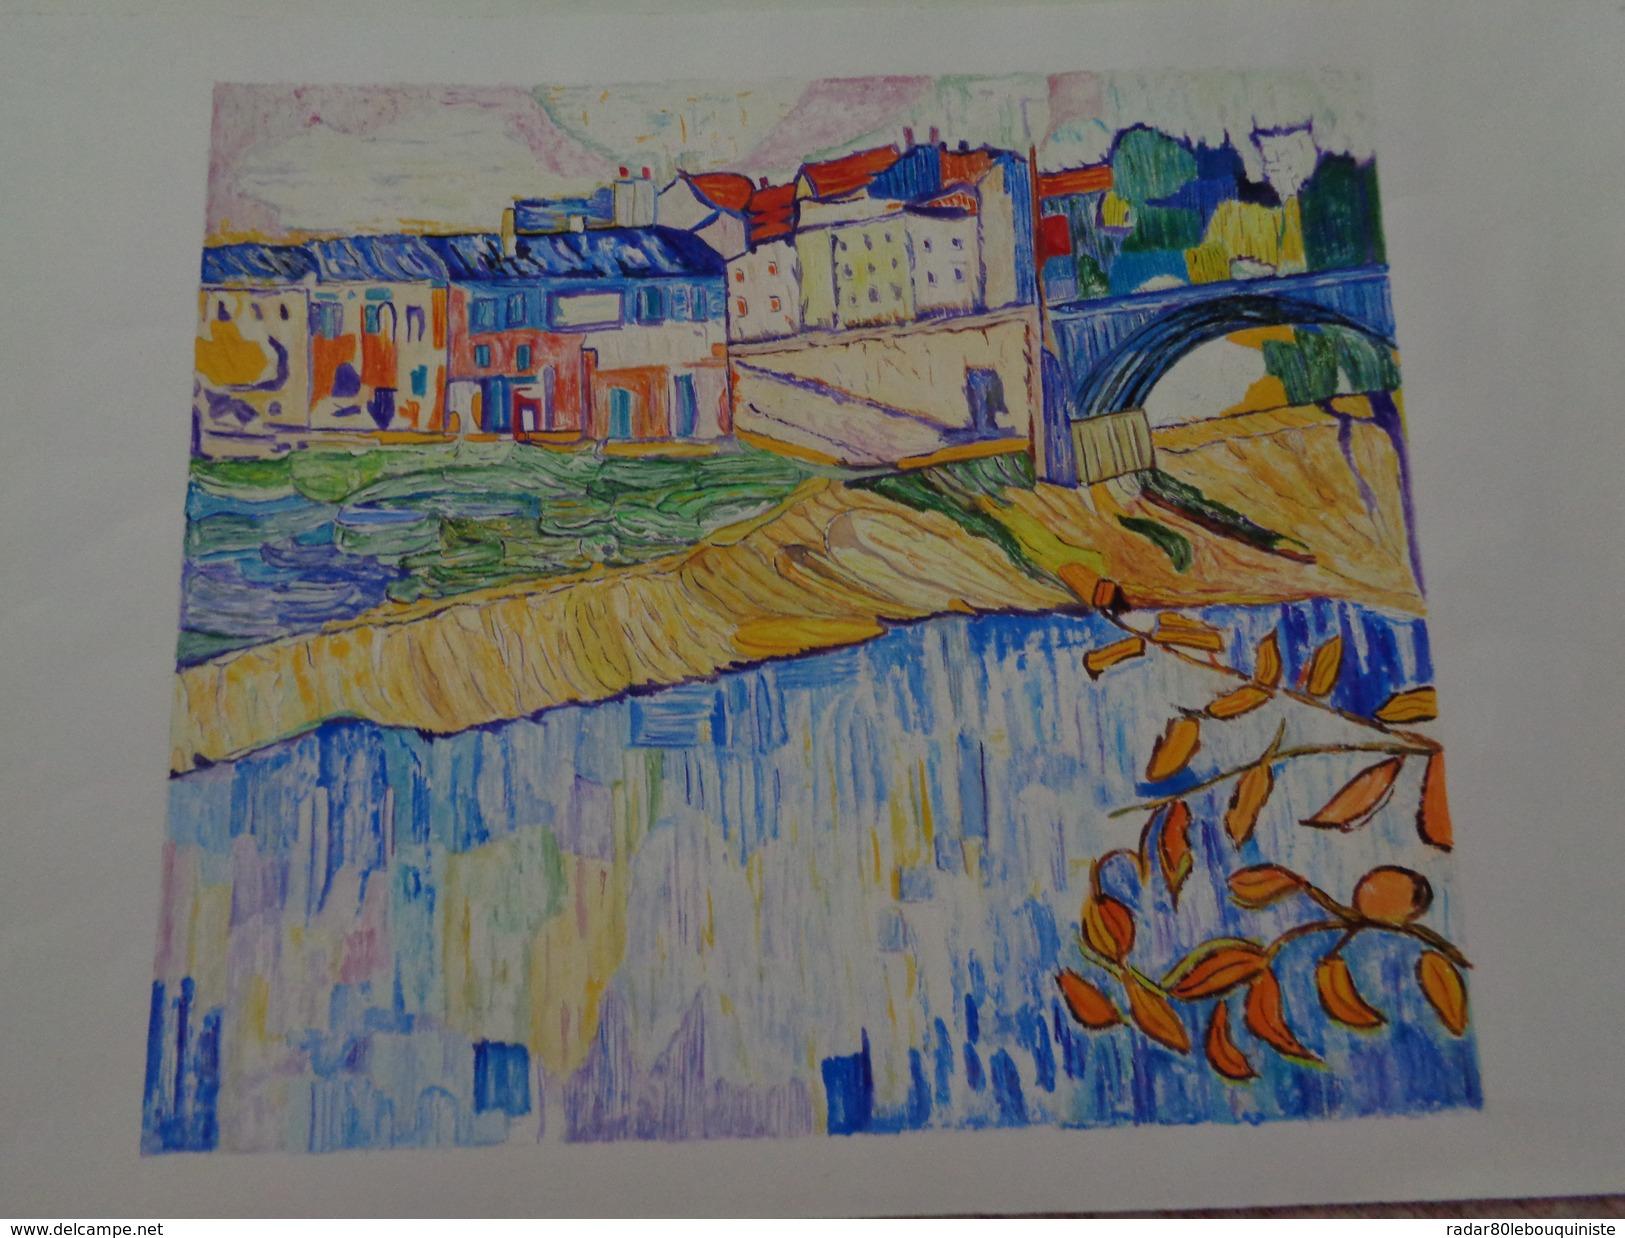 Le Pont De Chatou.D'après Maurice De Vlaminck. La Feuille:500 X 325 Mm.Acrylique Sur Papier Par Debeaupuis.1970. - Acryliques